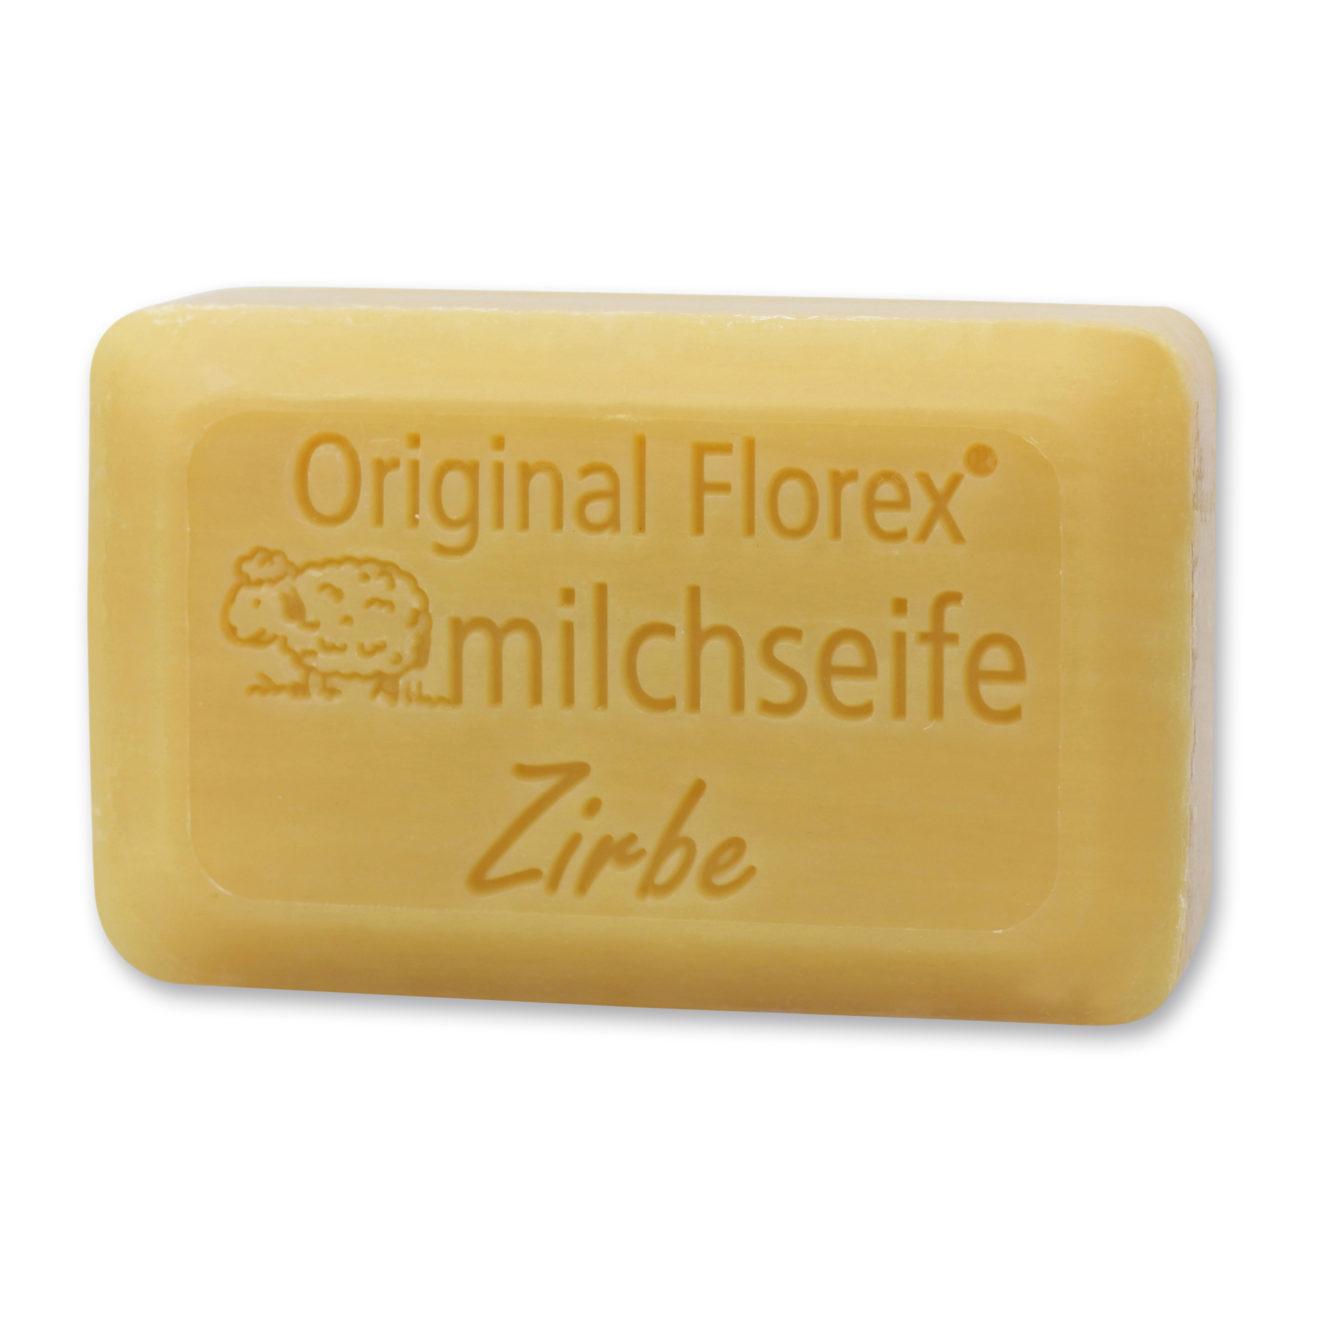 Florex-Schafsmilchseife Luxus